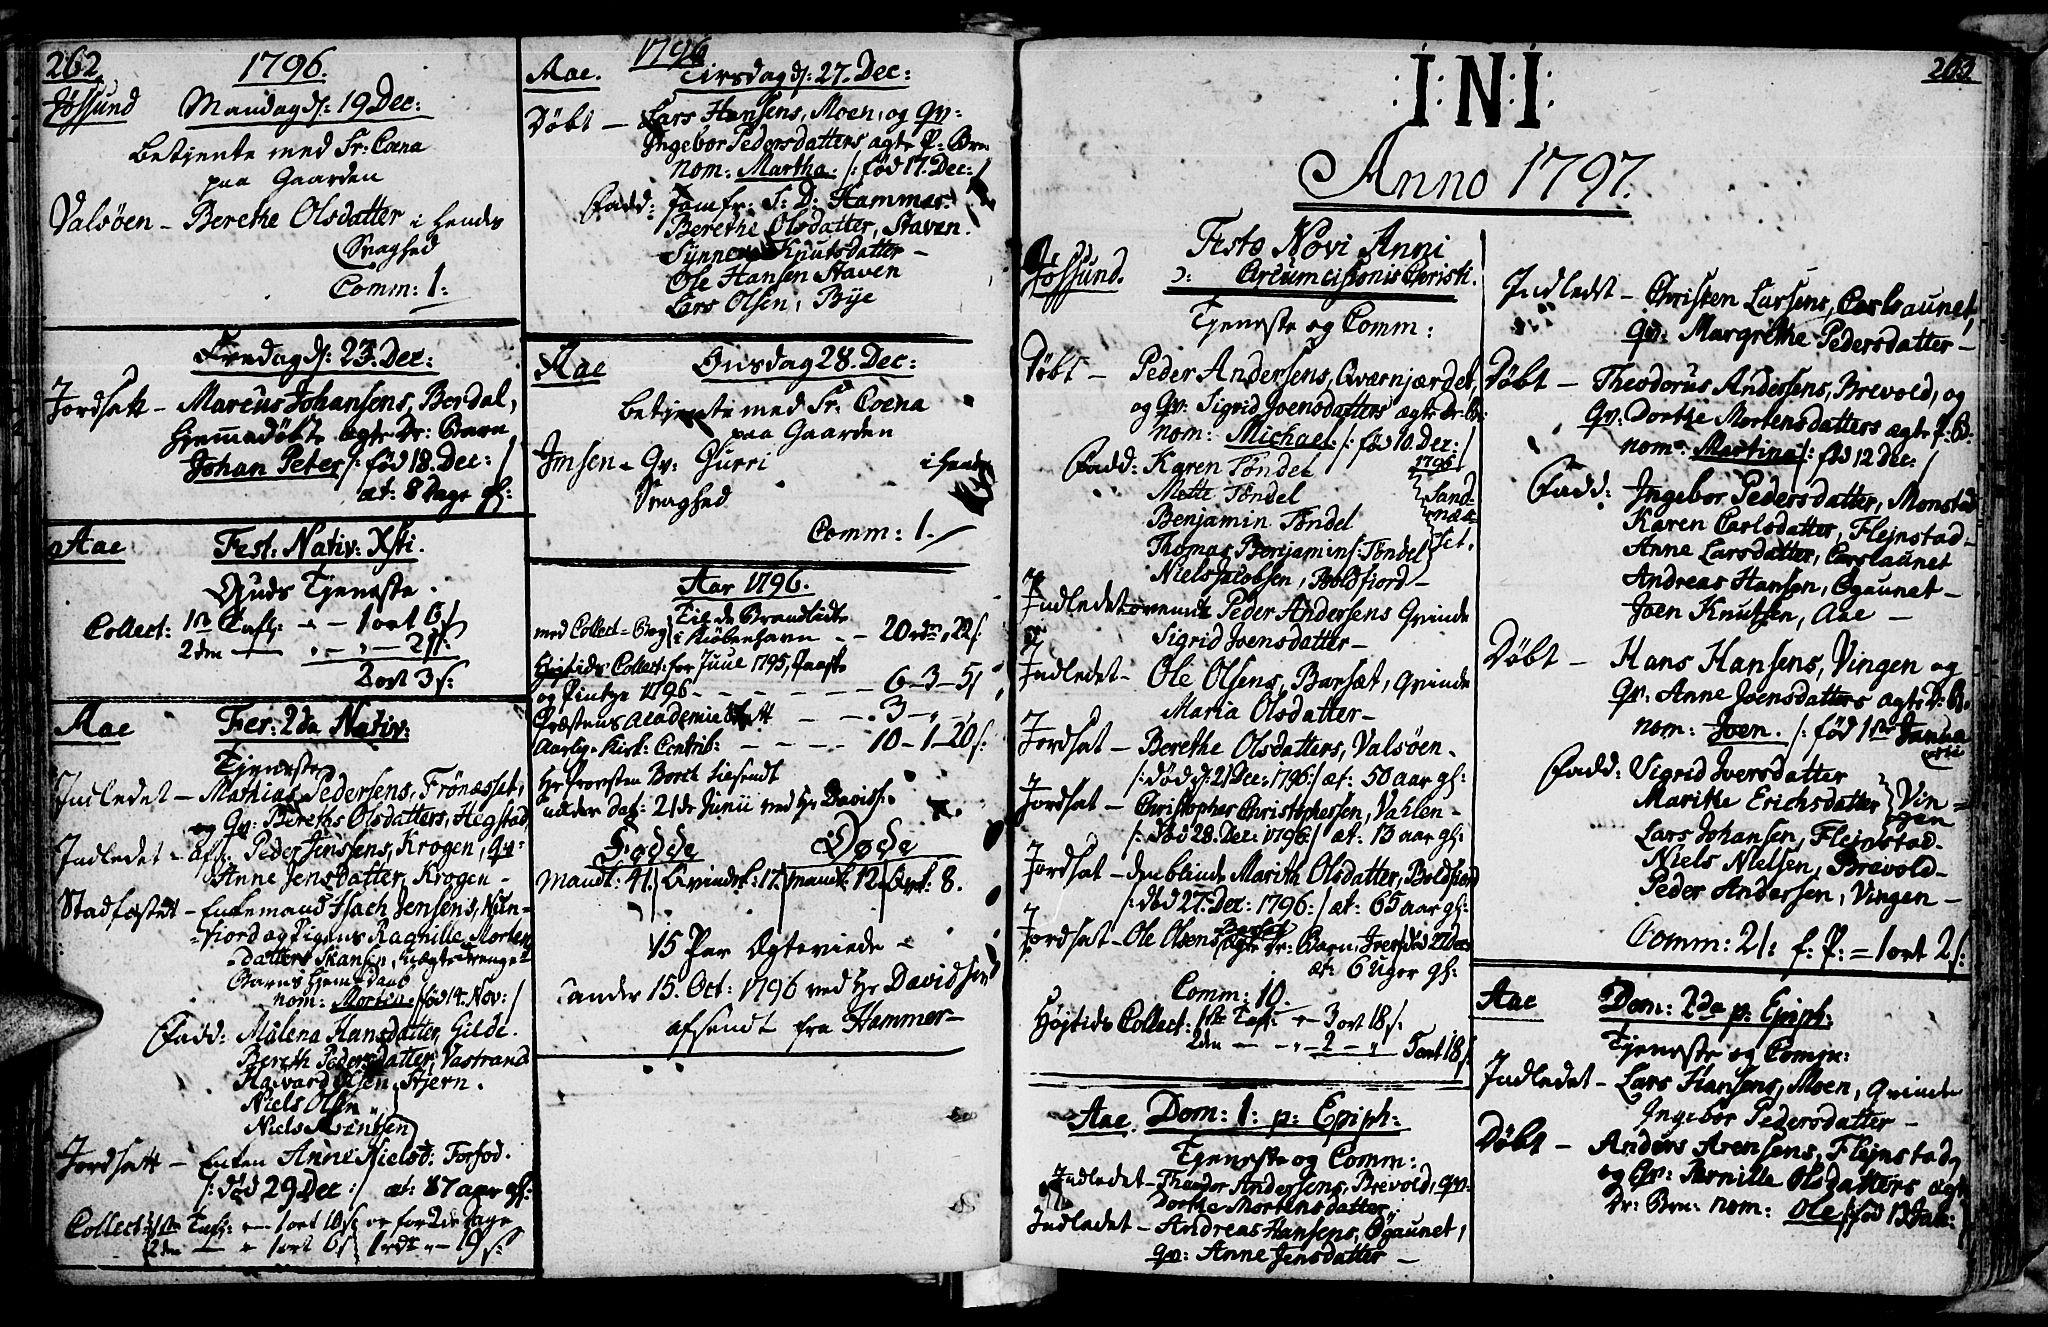 SAT, Ministerialprotokoller, klokkerbøker og fødselsregistre - Sør-Trøndelag, 655/L0673: Ministerialbok nr. 655A02, 1780-1801, s. 262-263